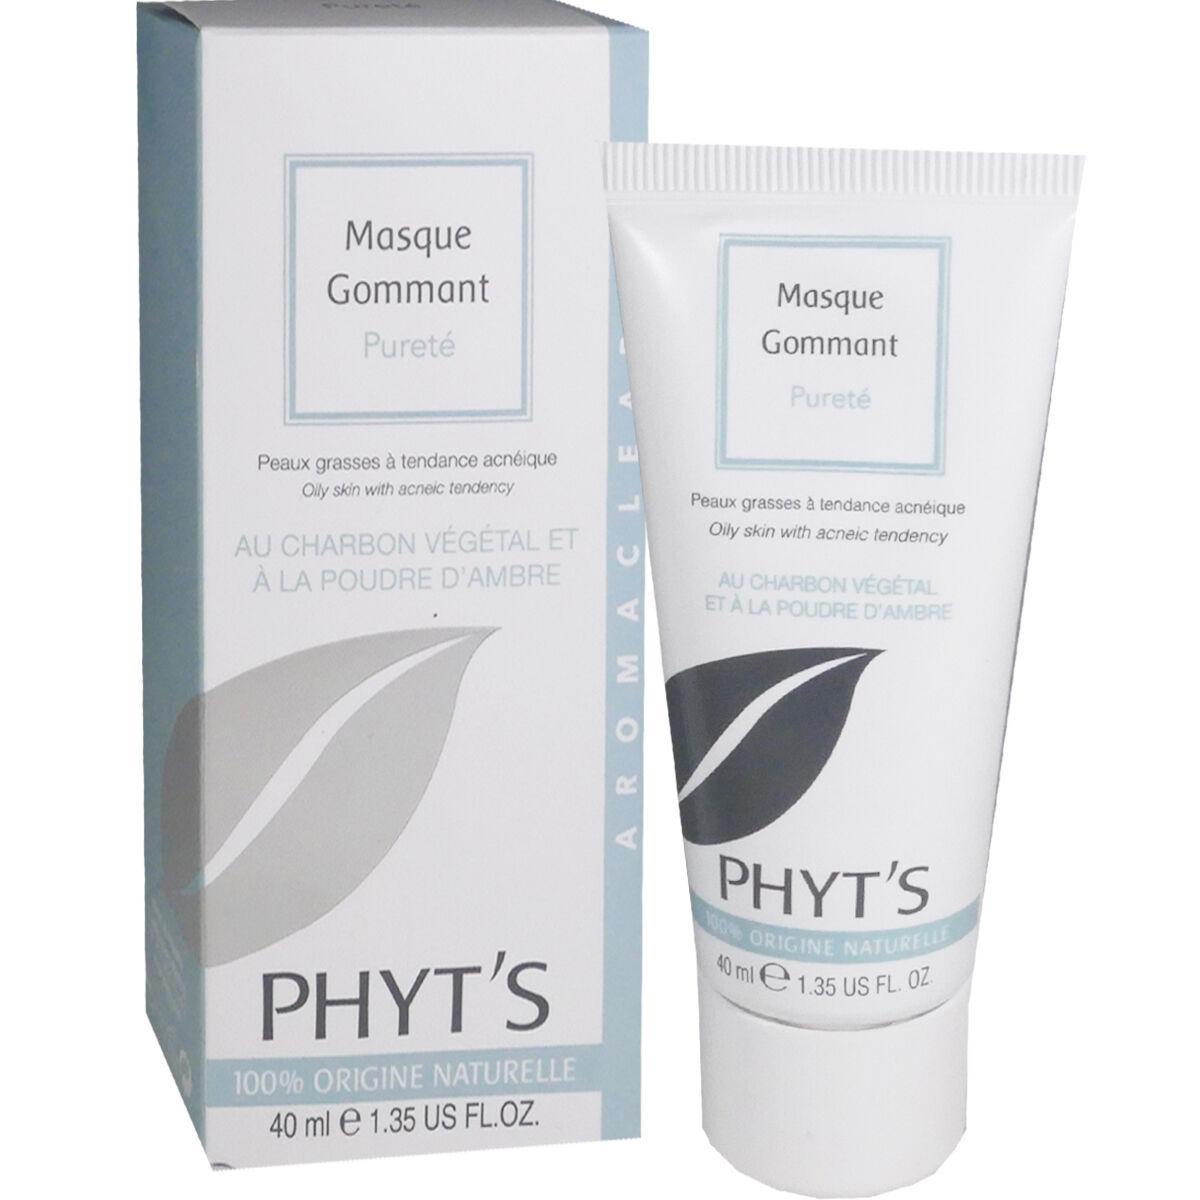 Phyt's masque gommant au charbon vegetal 40 ml